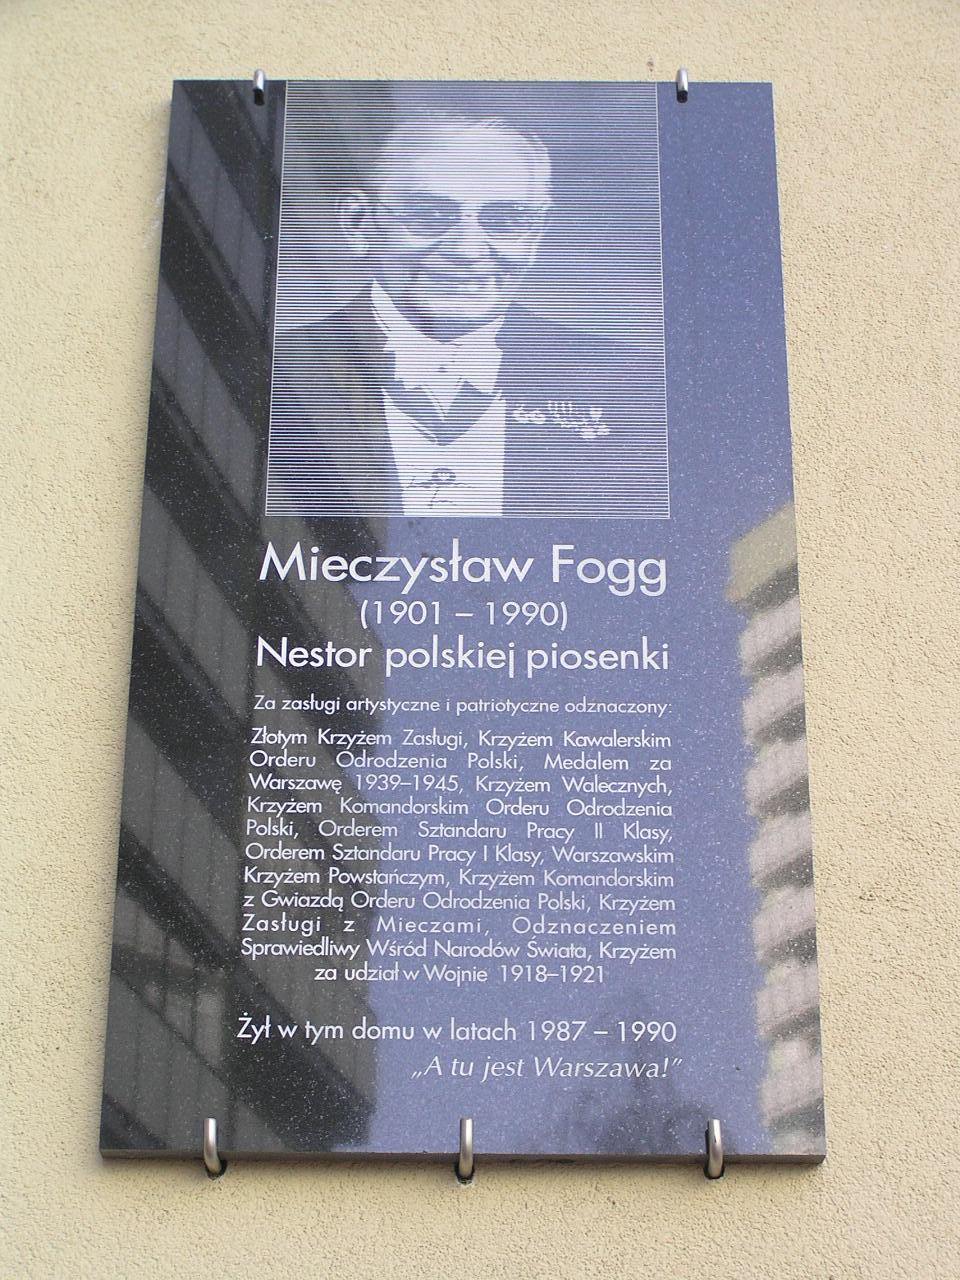 Tablica pamięci Mieczysława Fogga